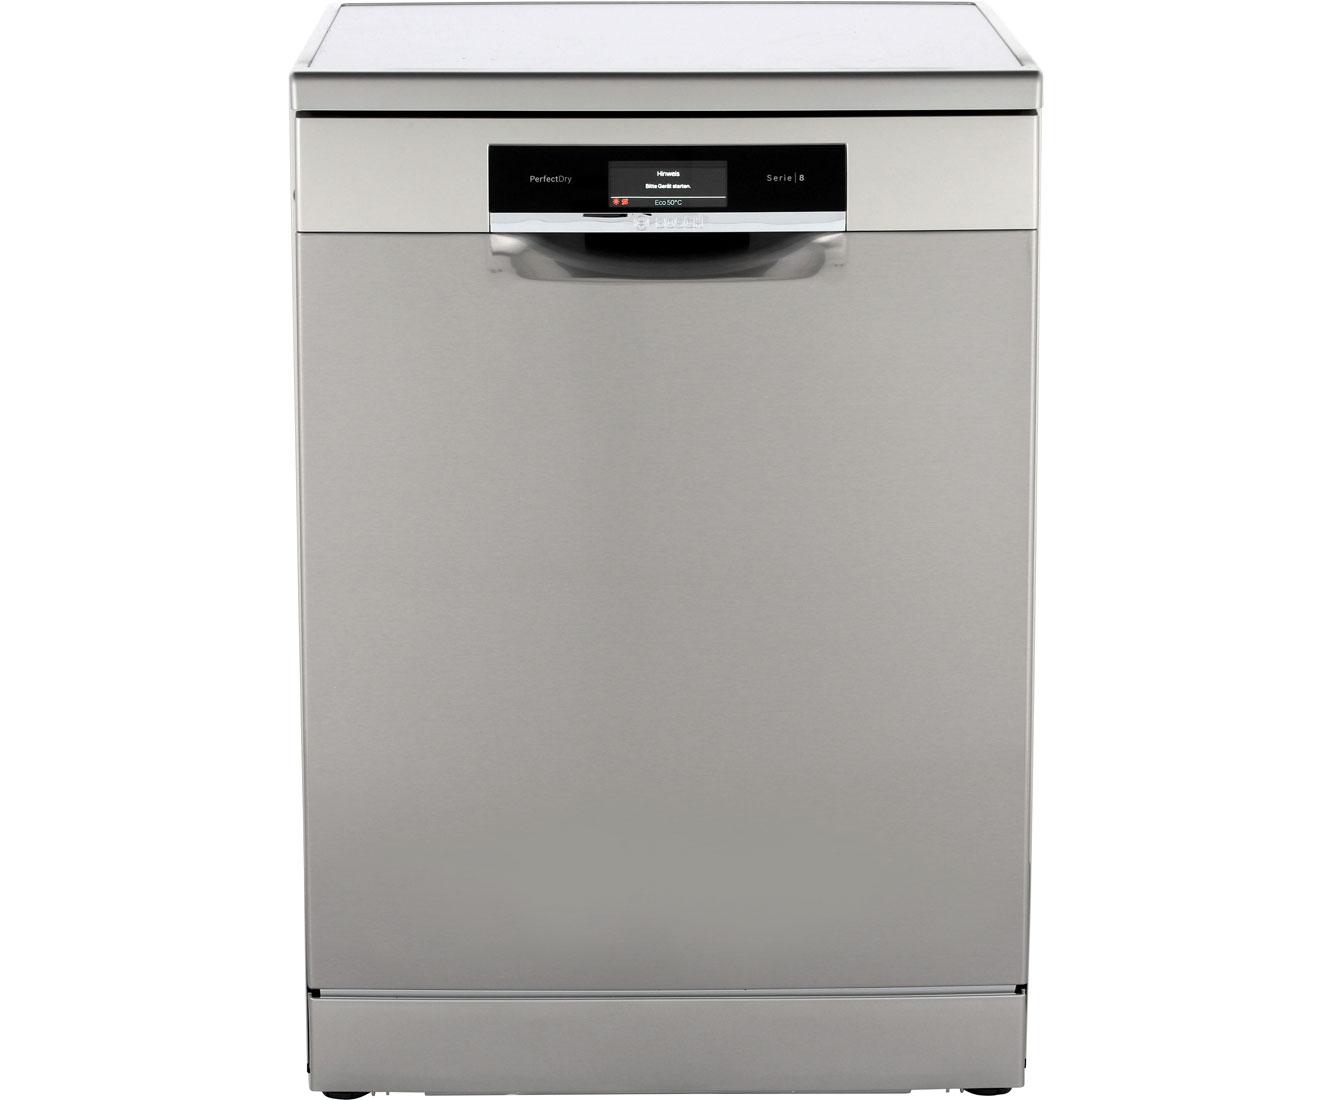 Bosch Serie 8 SMS88TI36E Geschirrspüler 60 cm - Edelstahl | Küche und Esszimmer > Küchenelektrogeräte > Gefrierschränke | Edelstahl | Bosch